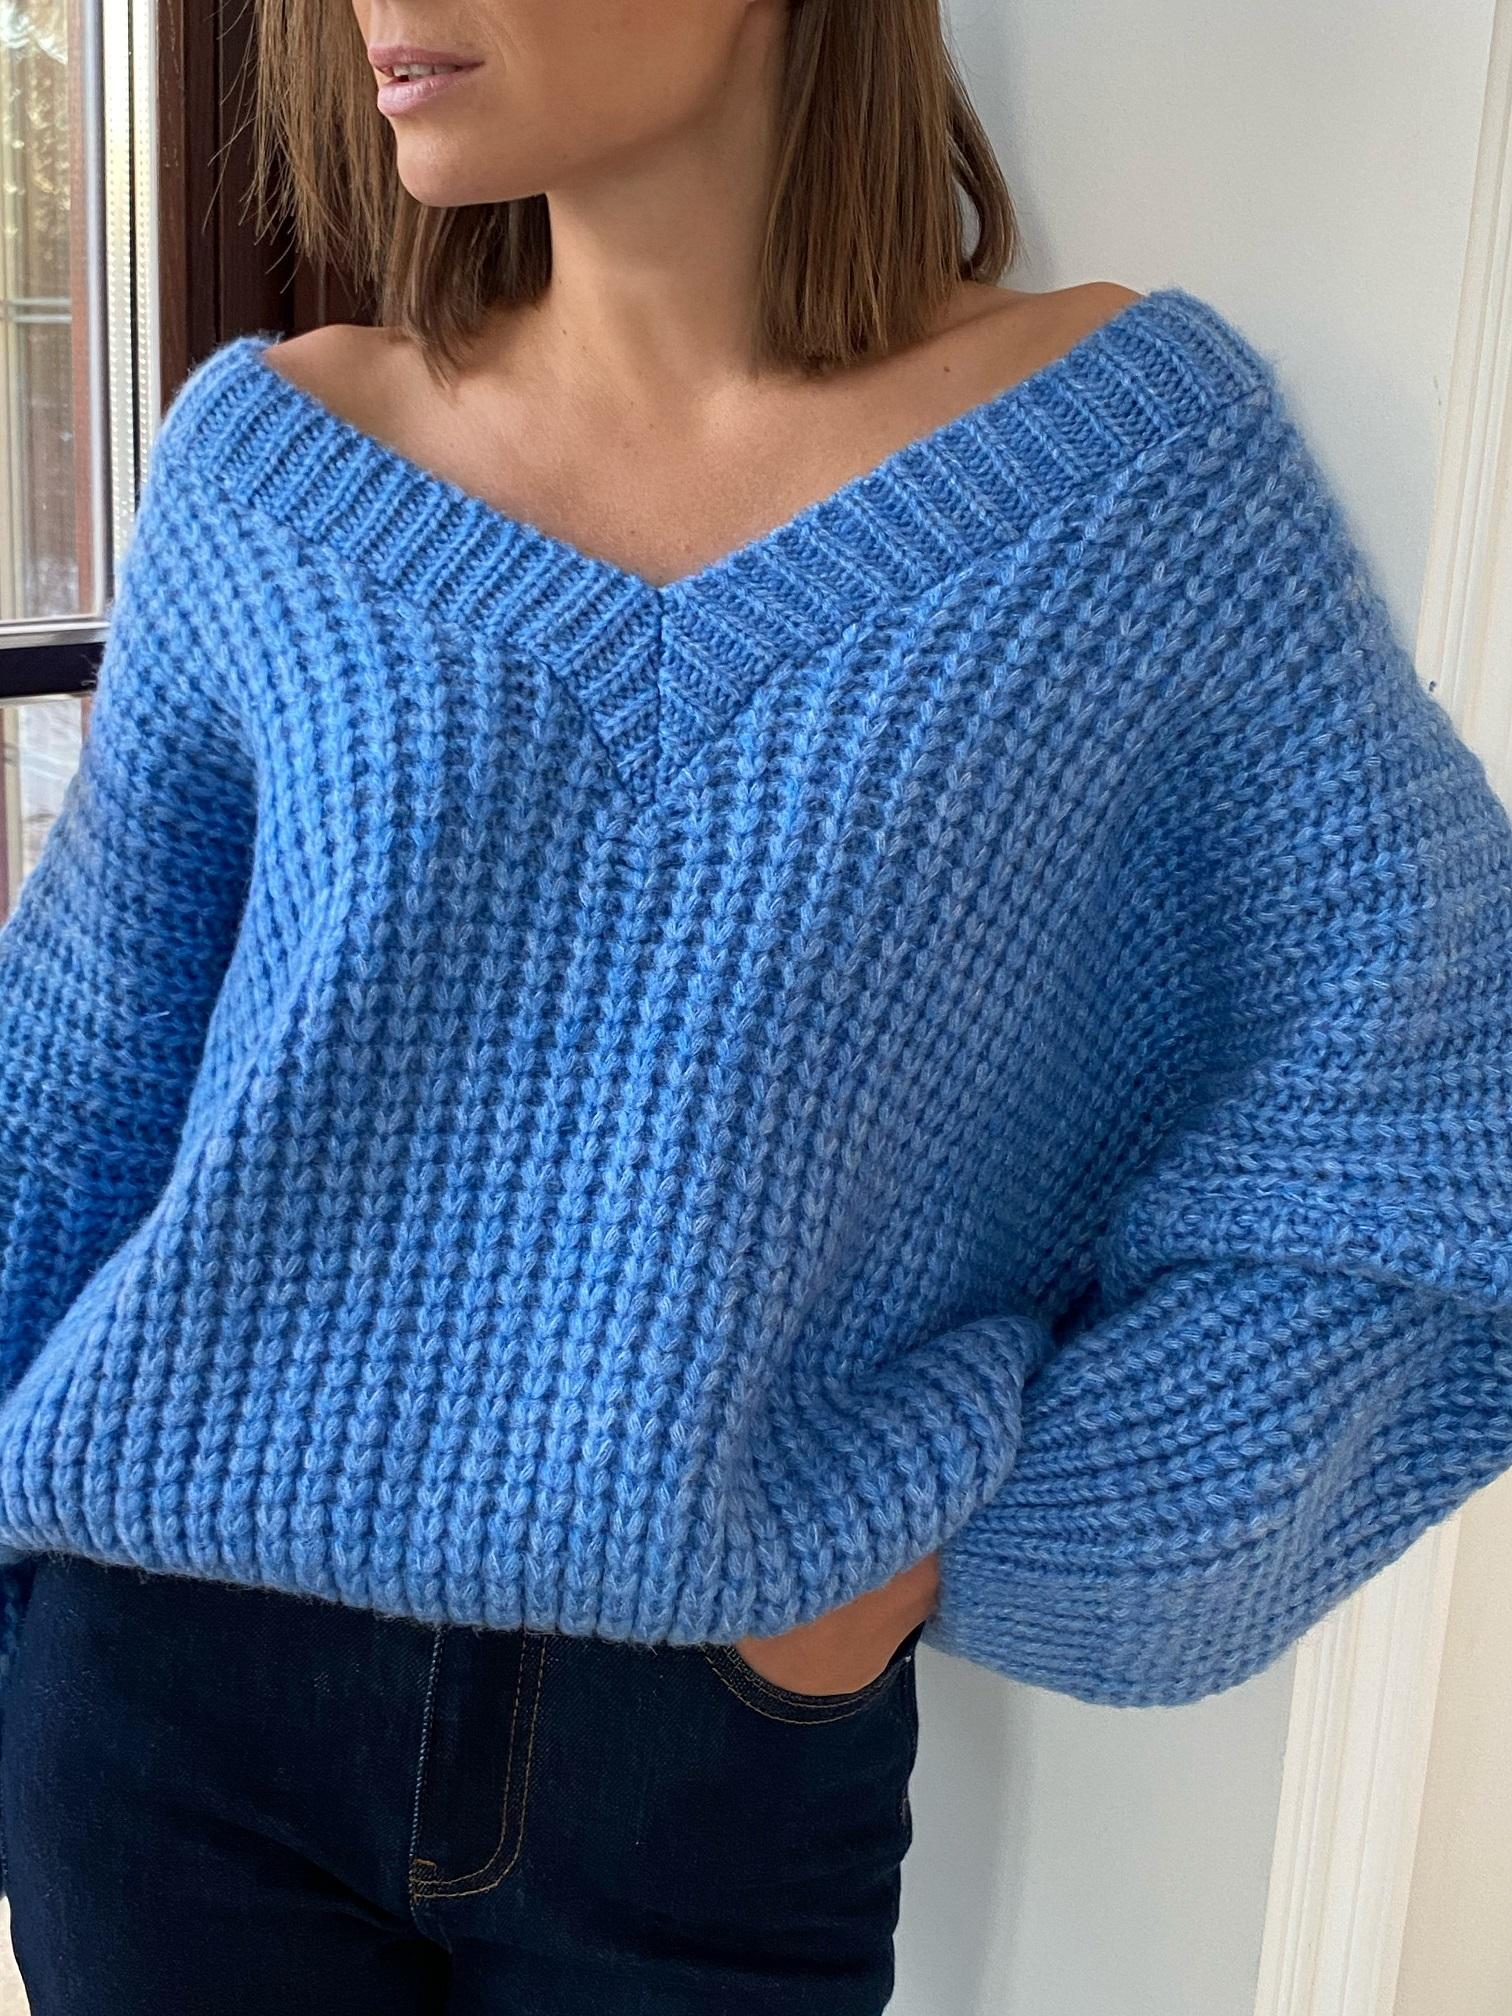 Пуловер, Pola, Twiggy (синий)